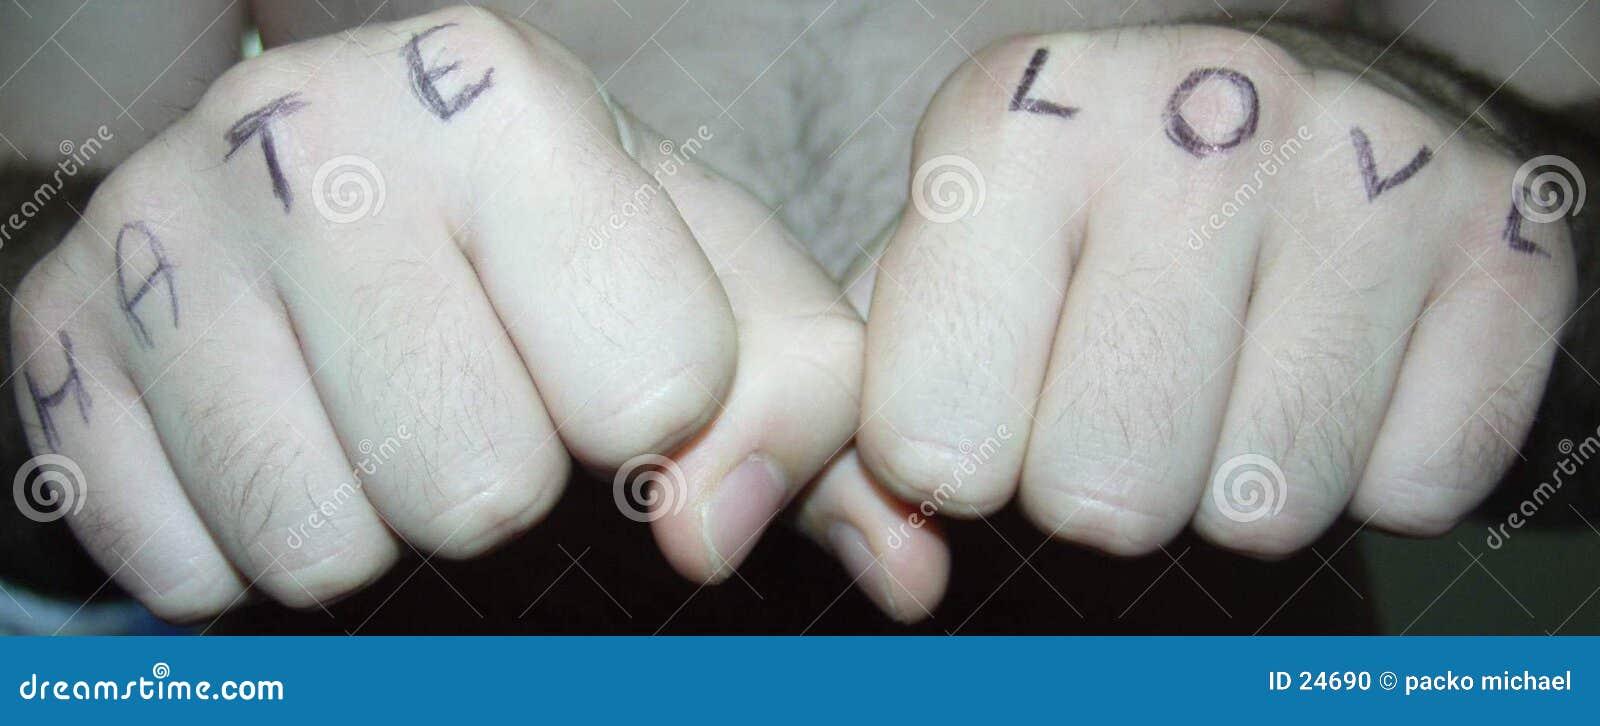 Ręce nienawiści miłości